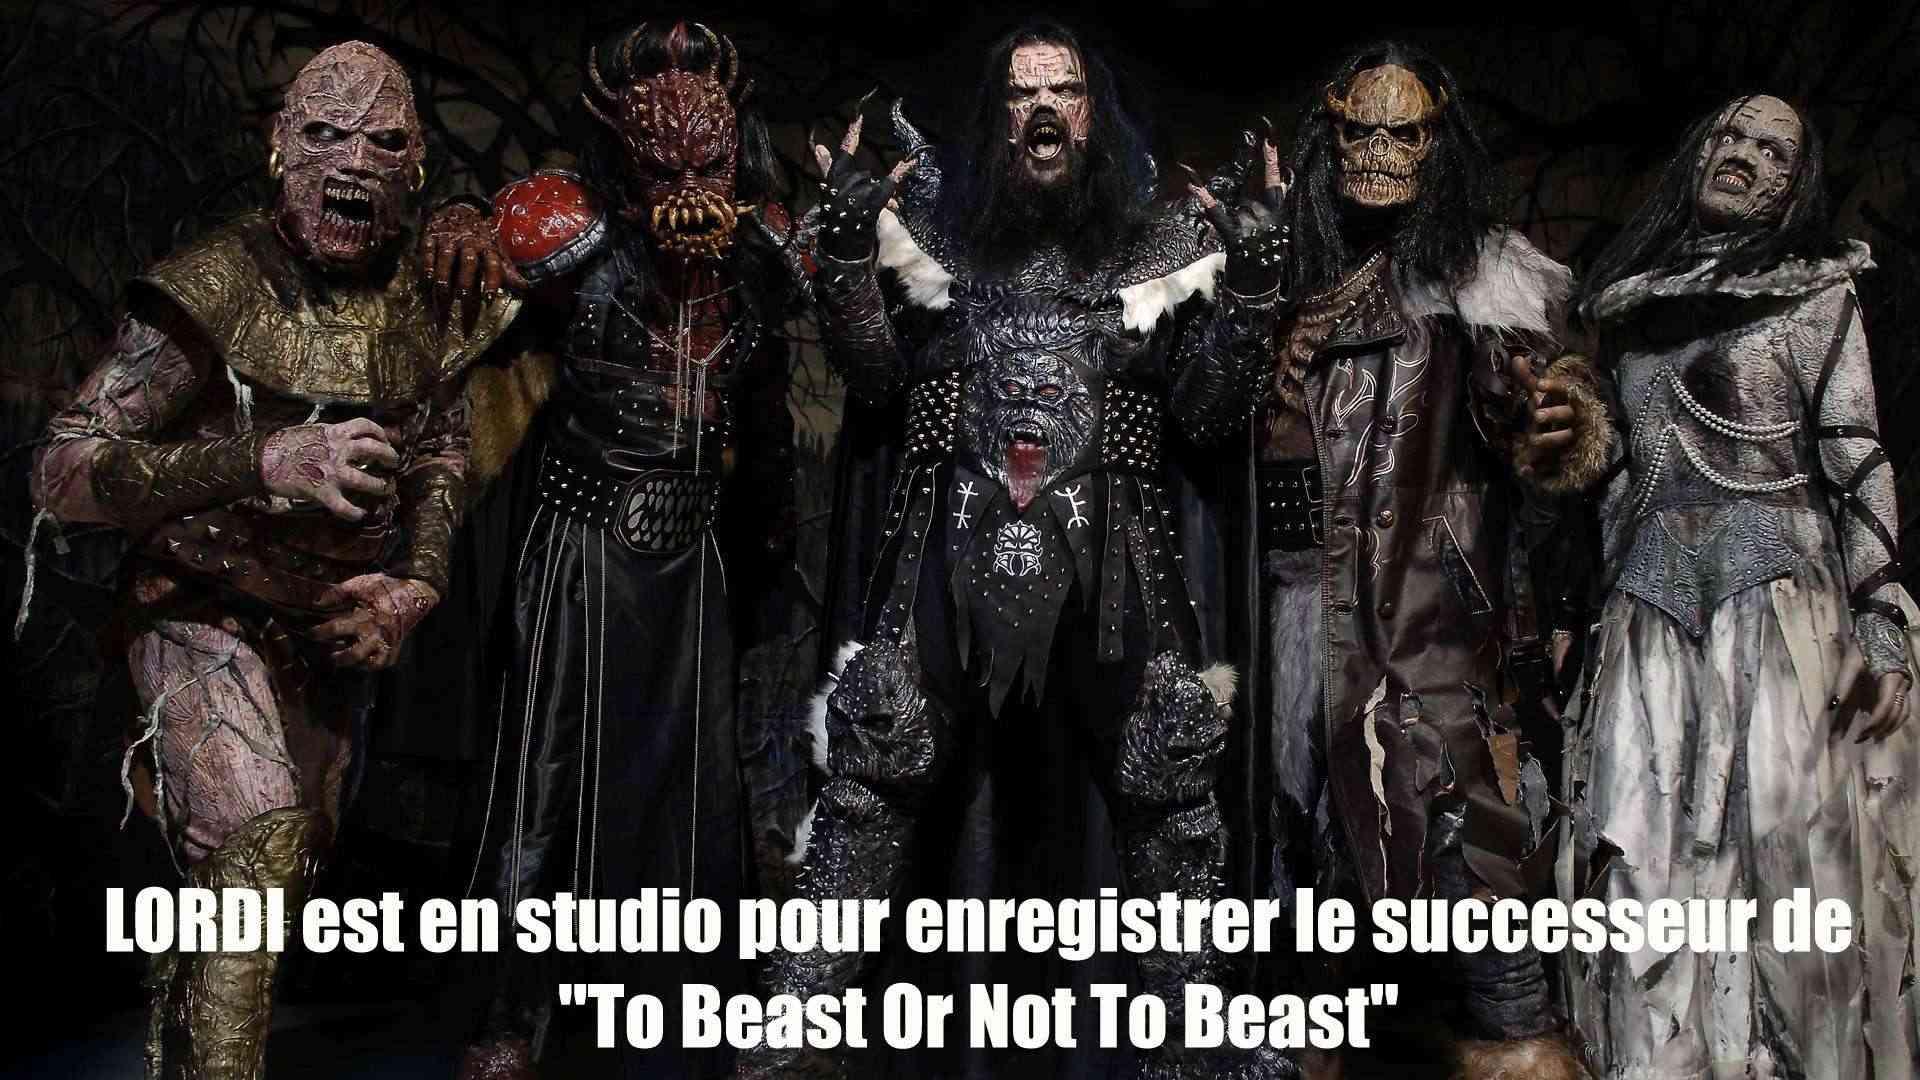 Les NEWS du METAL en VRAC ... - Page 6 Lordi-10